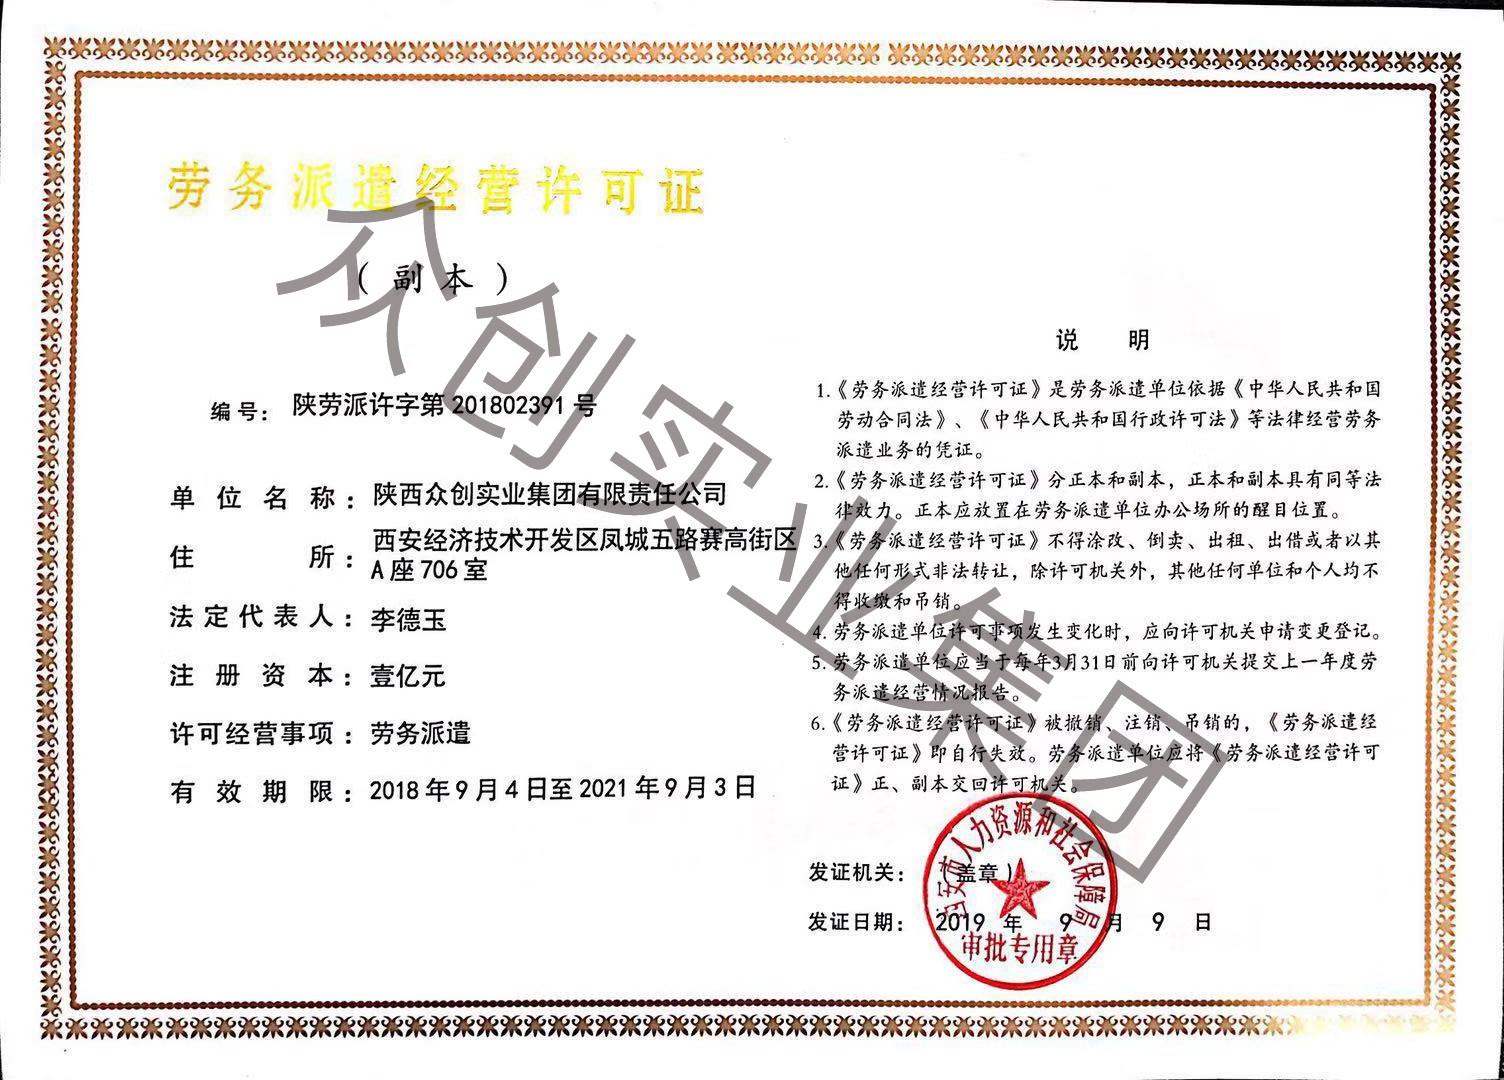 九月劳务派遣许可证